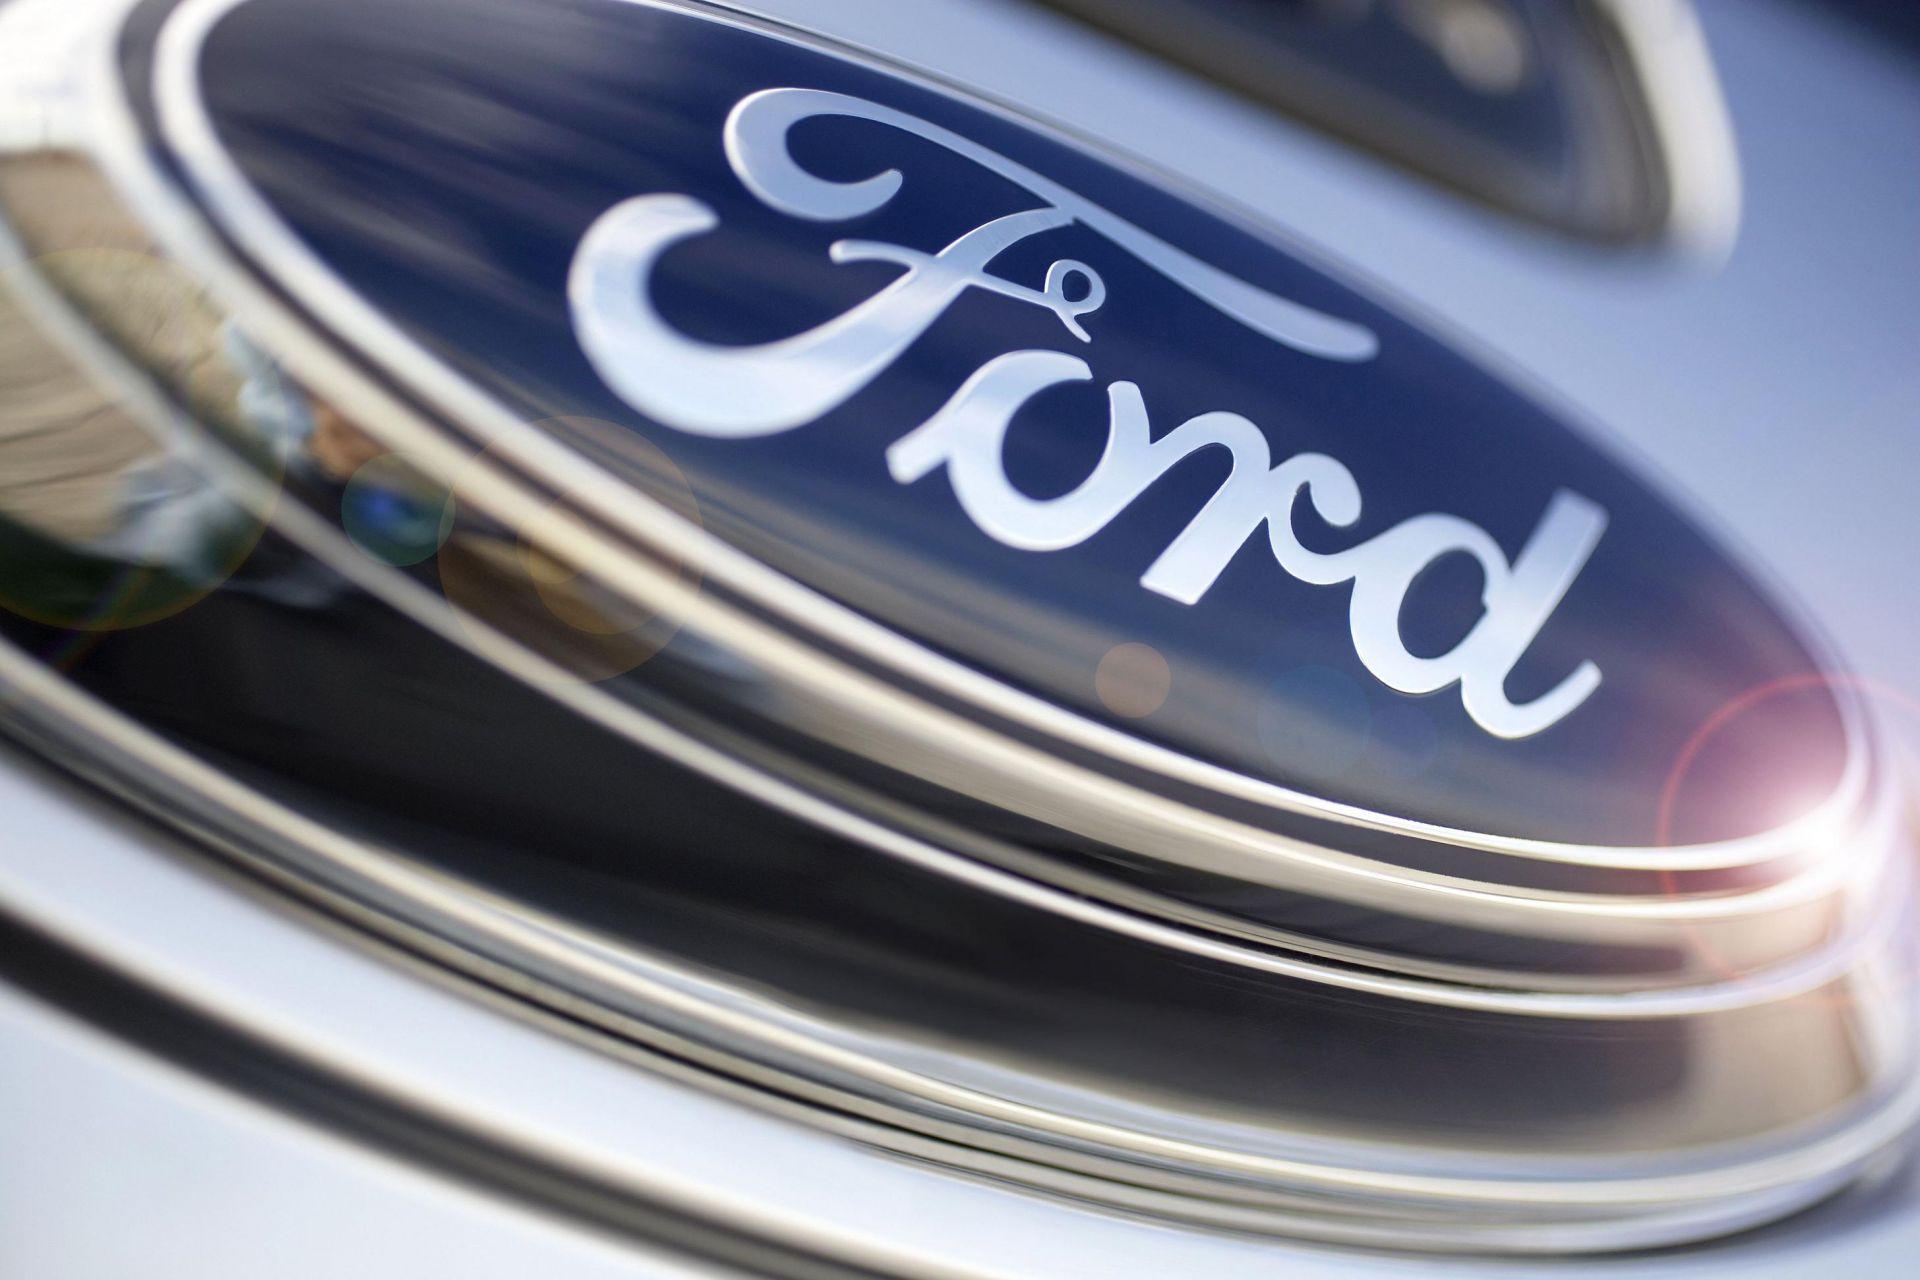 Ford tiếp tục được vinh danh là tập đoàn phát triển bền vững toàn cầu -1